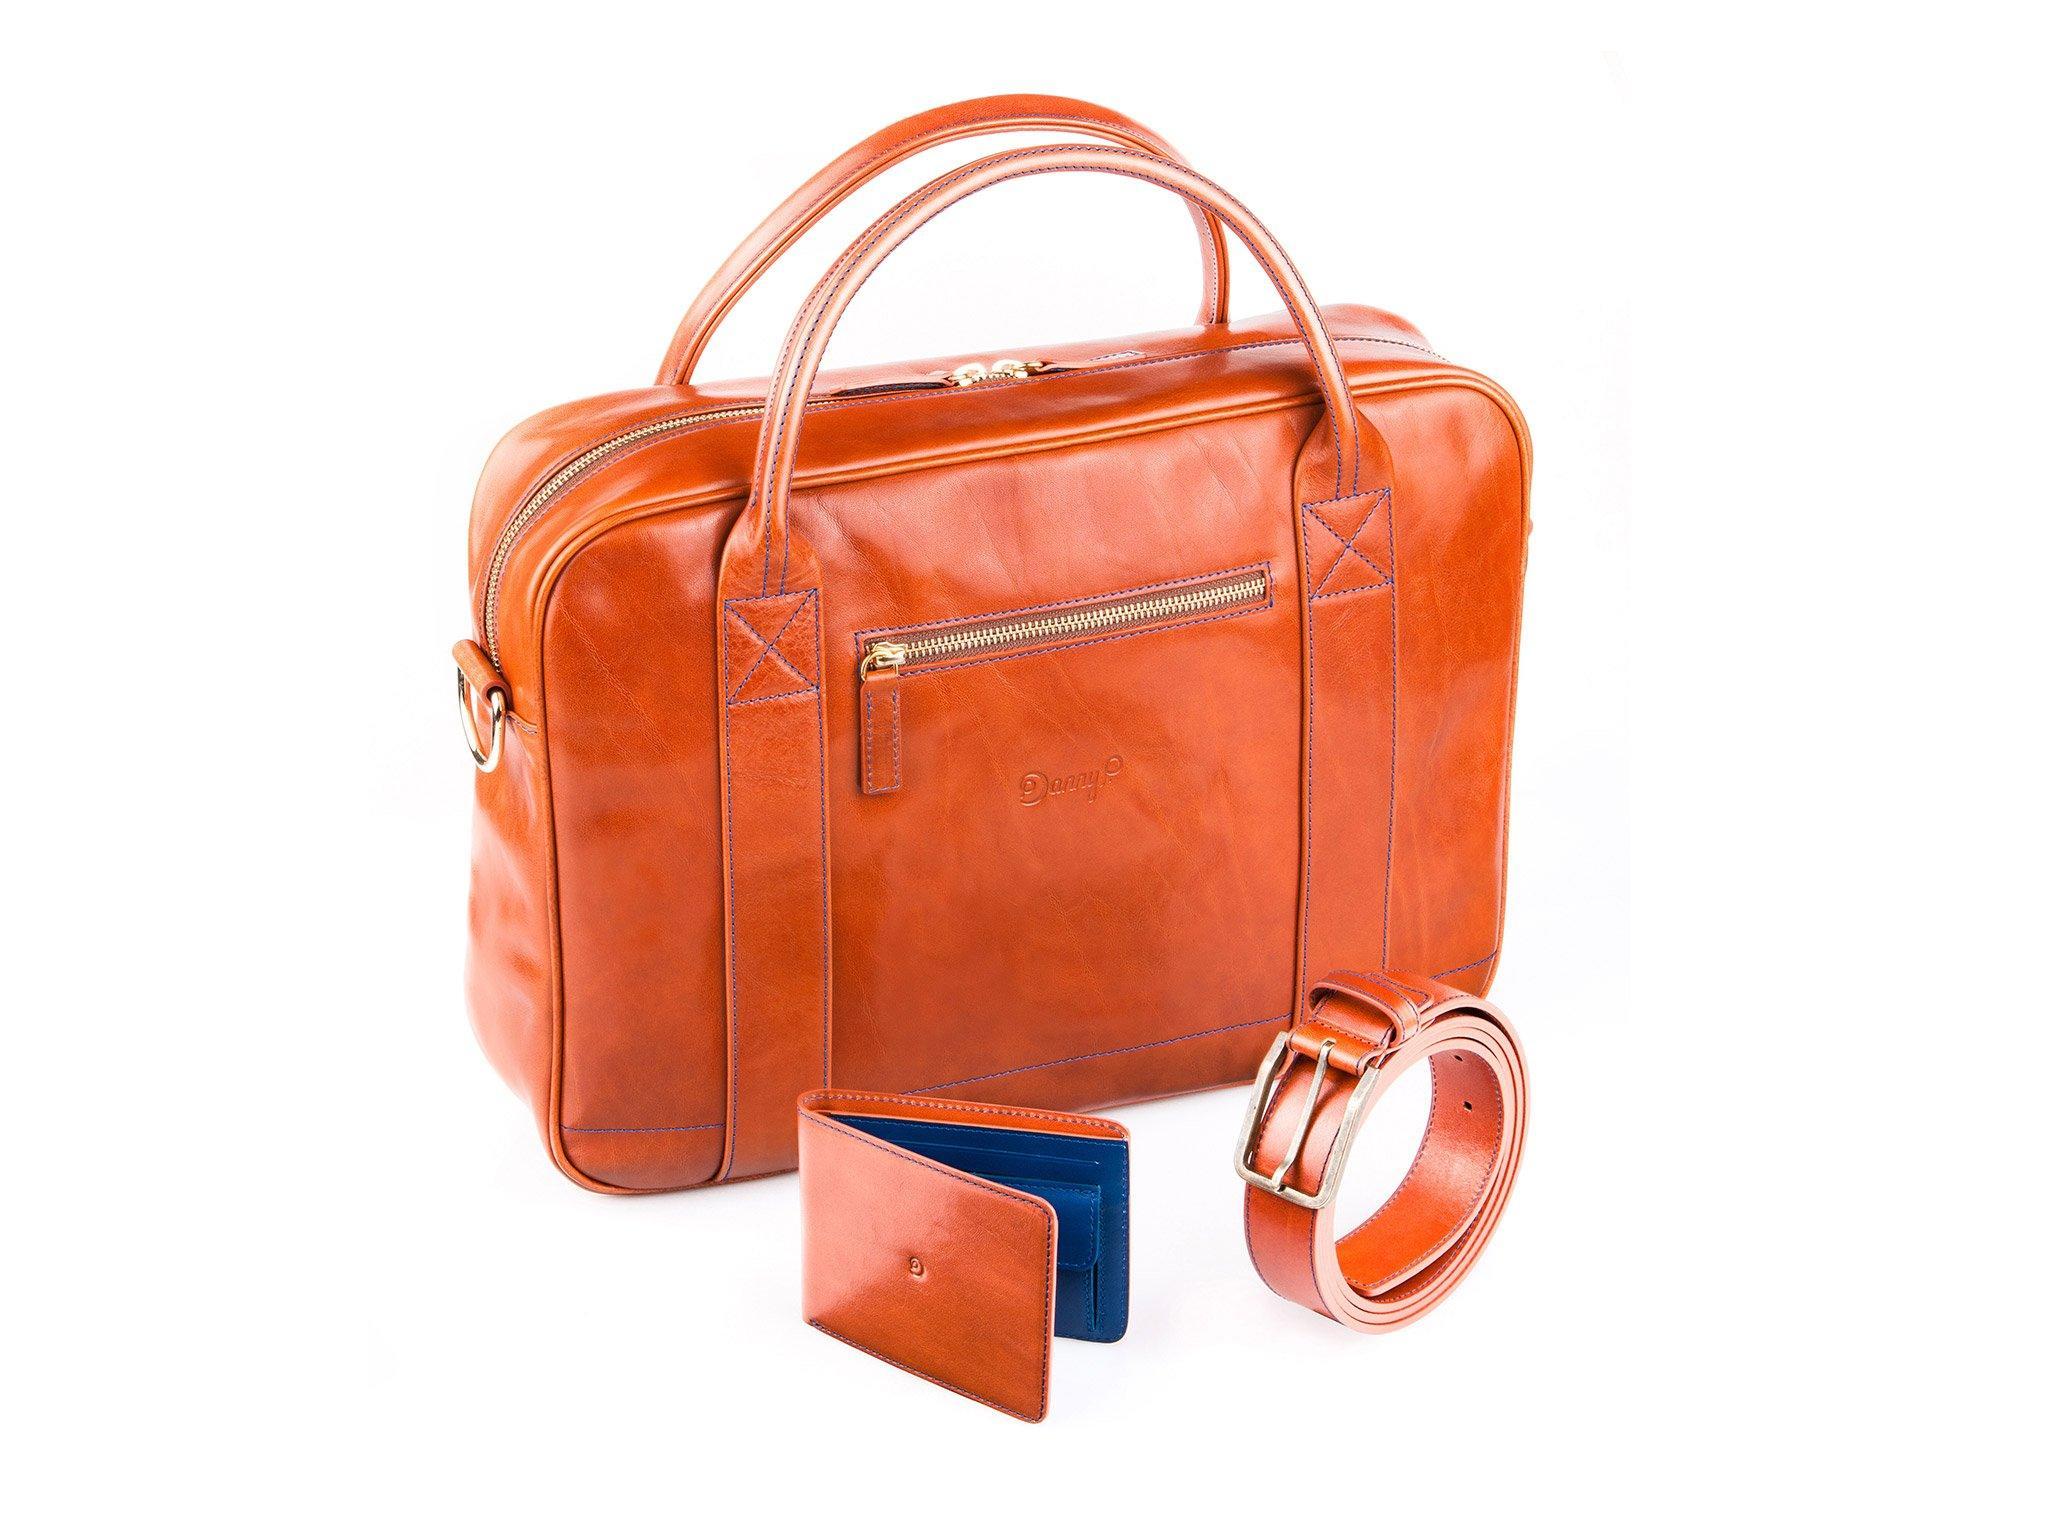 Světle hnědý set: pásek, taška, peněženka